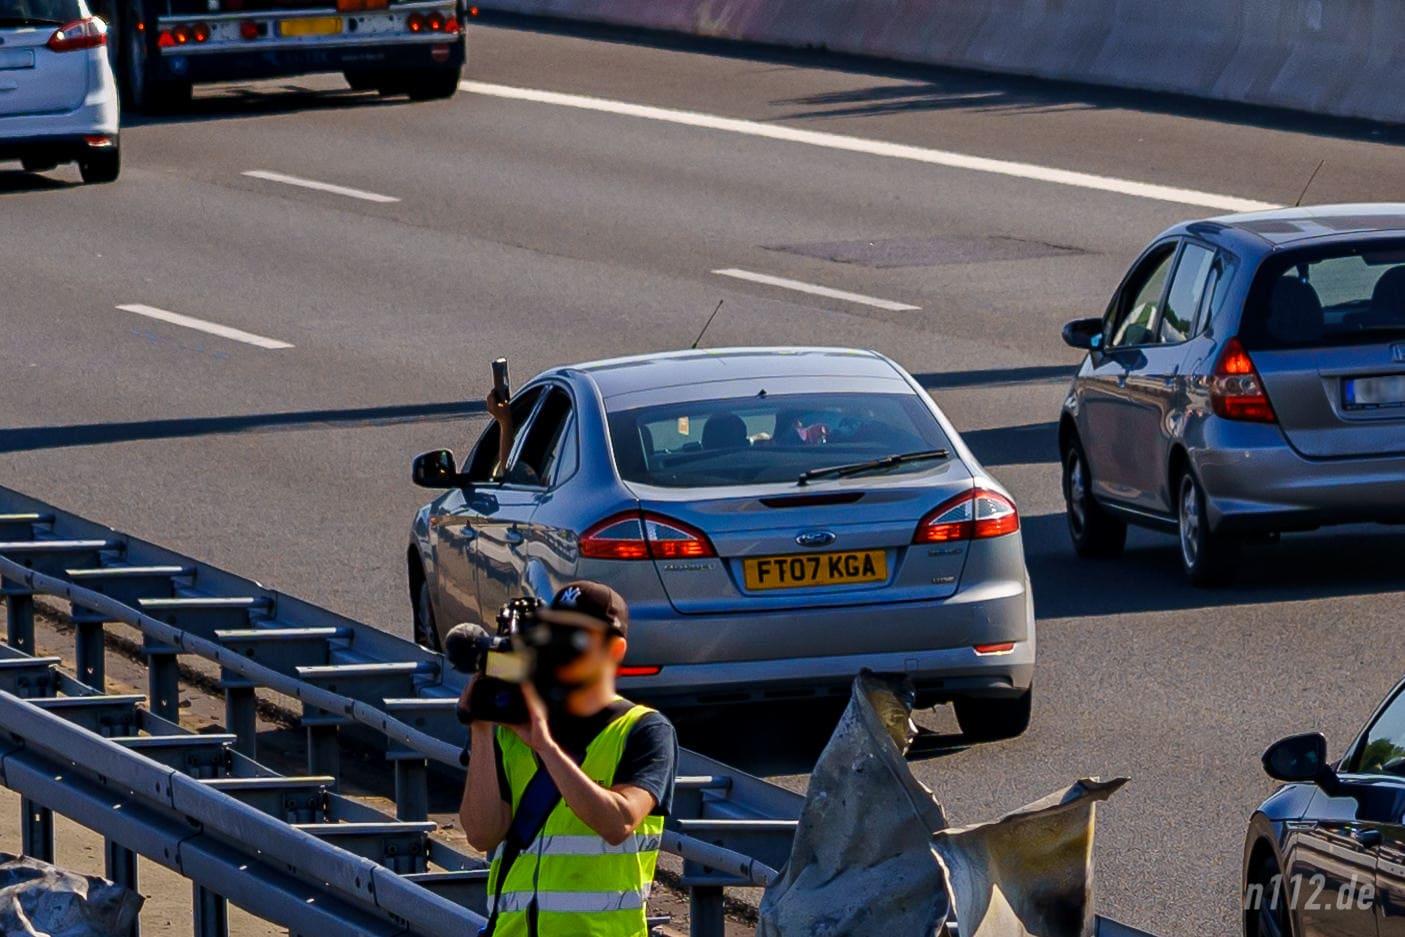 Besonders dreist, aber keine Seltenheit: Den Verkehr ausbremsen und aus dem offenen Fenster filmen (Foto: n112.de/Stefan Simonsen)